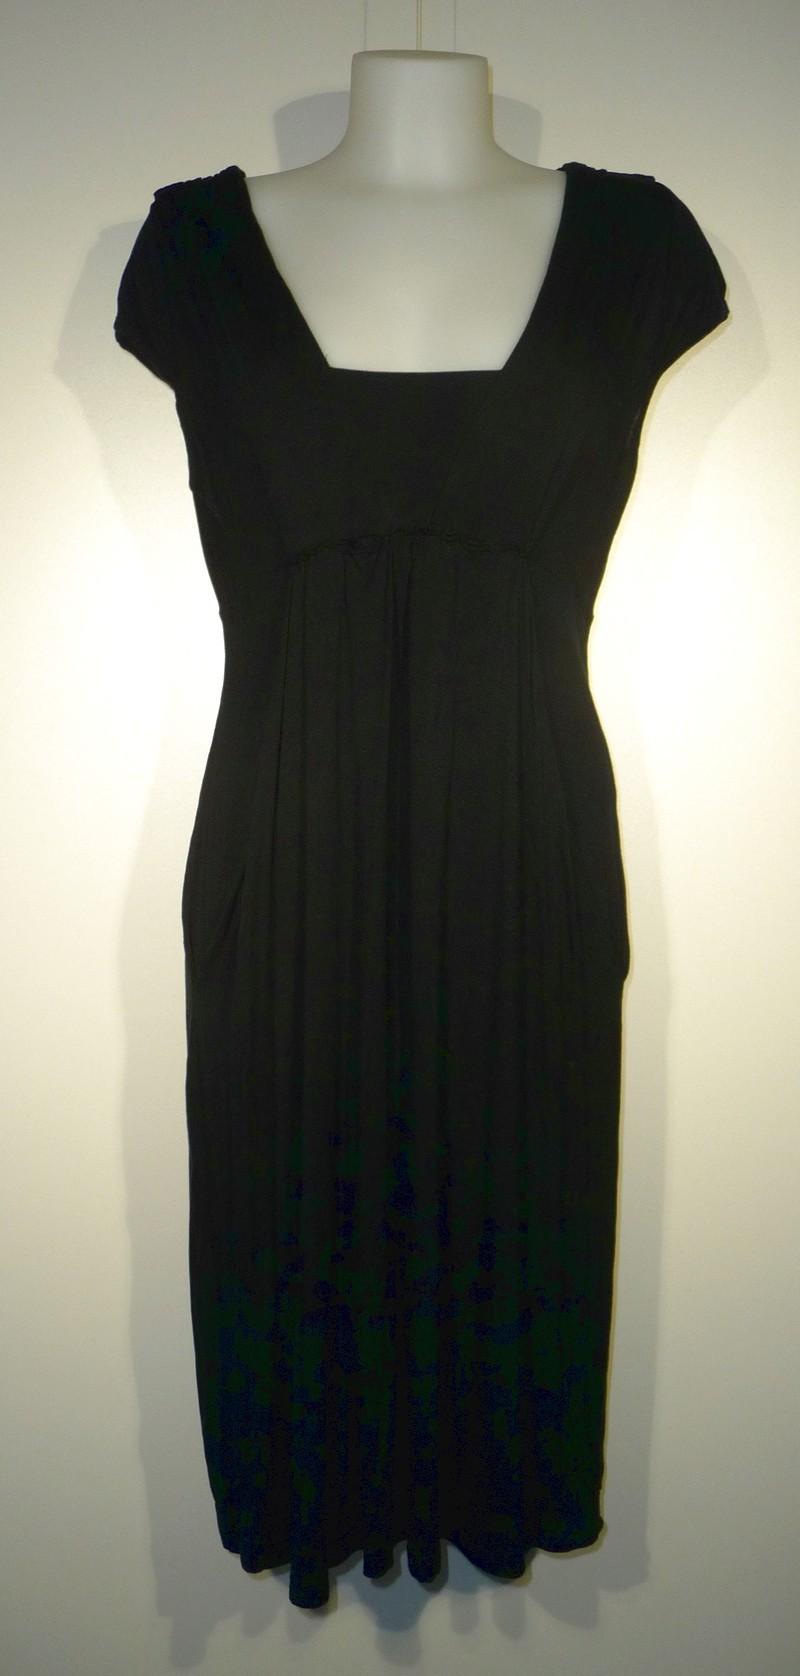 Luchtige jurk